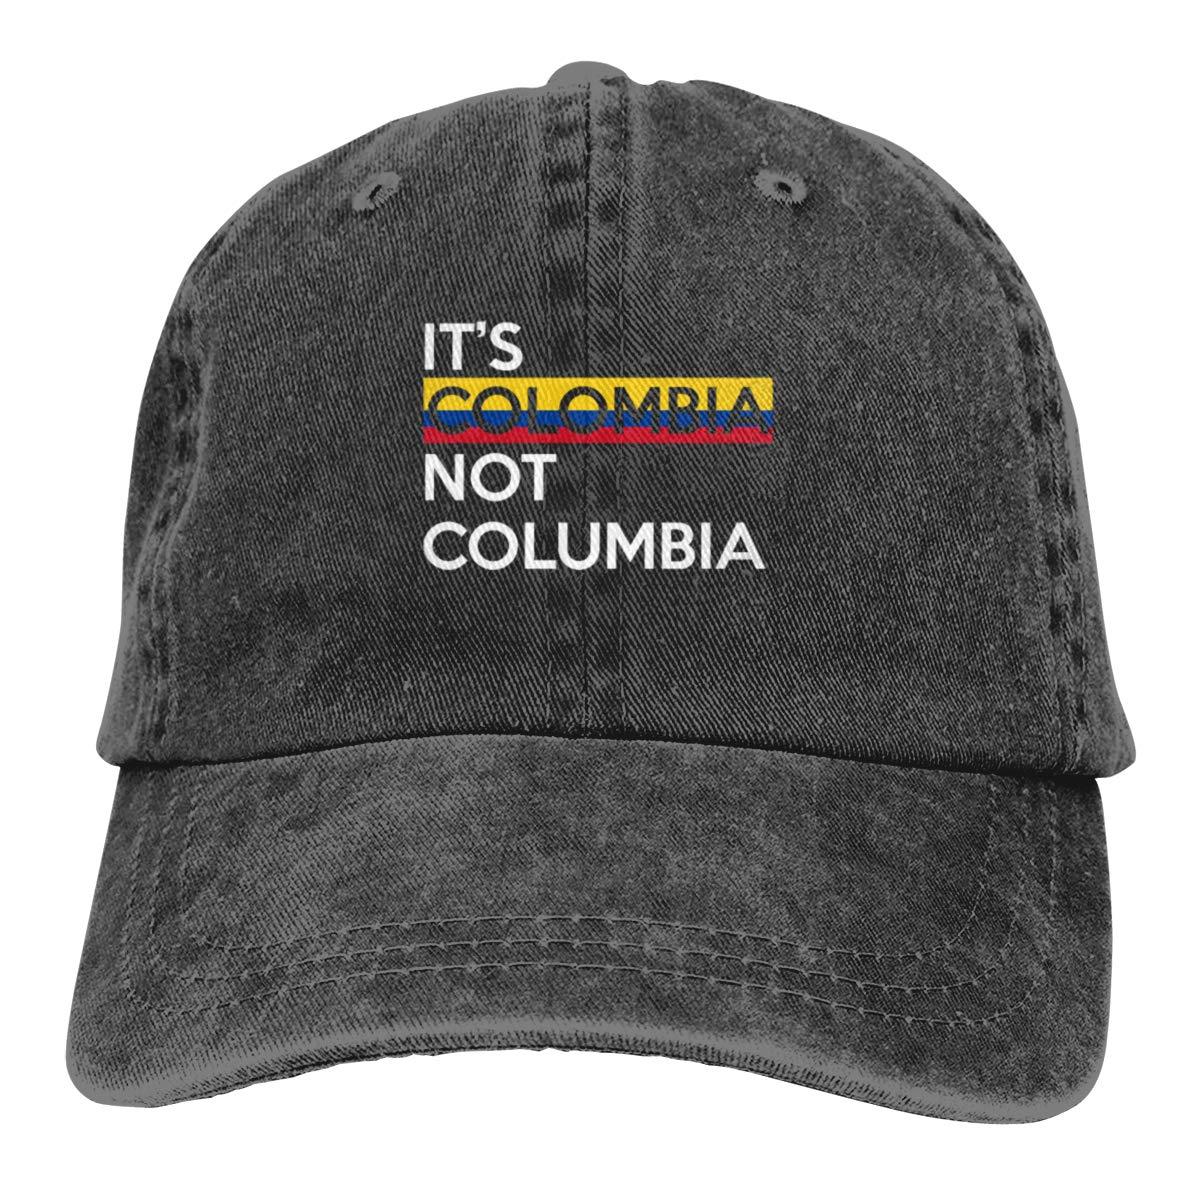 Его Колумбия не Колумбия Регулируемая ковбойская Кепка папа бейсбольная шляпа Wo Мужская черная